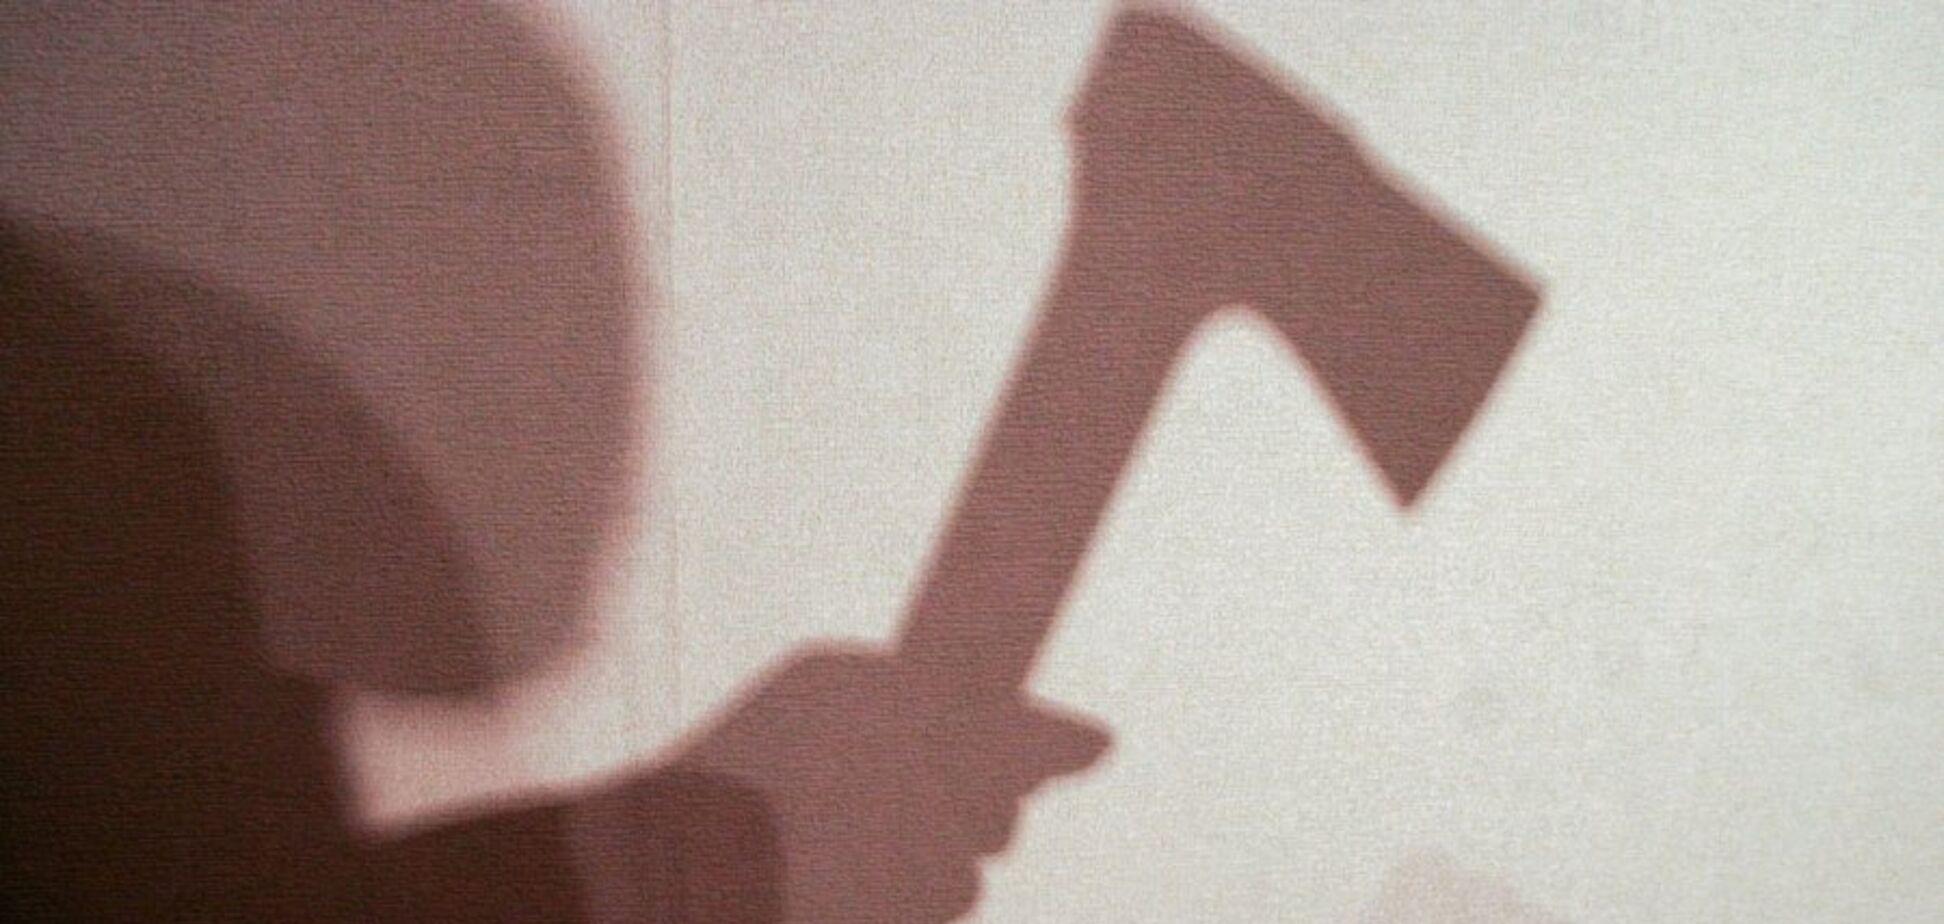 'Мені дуже страшно!' У Росії підліток із льодорубом напав на школярку. Відео